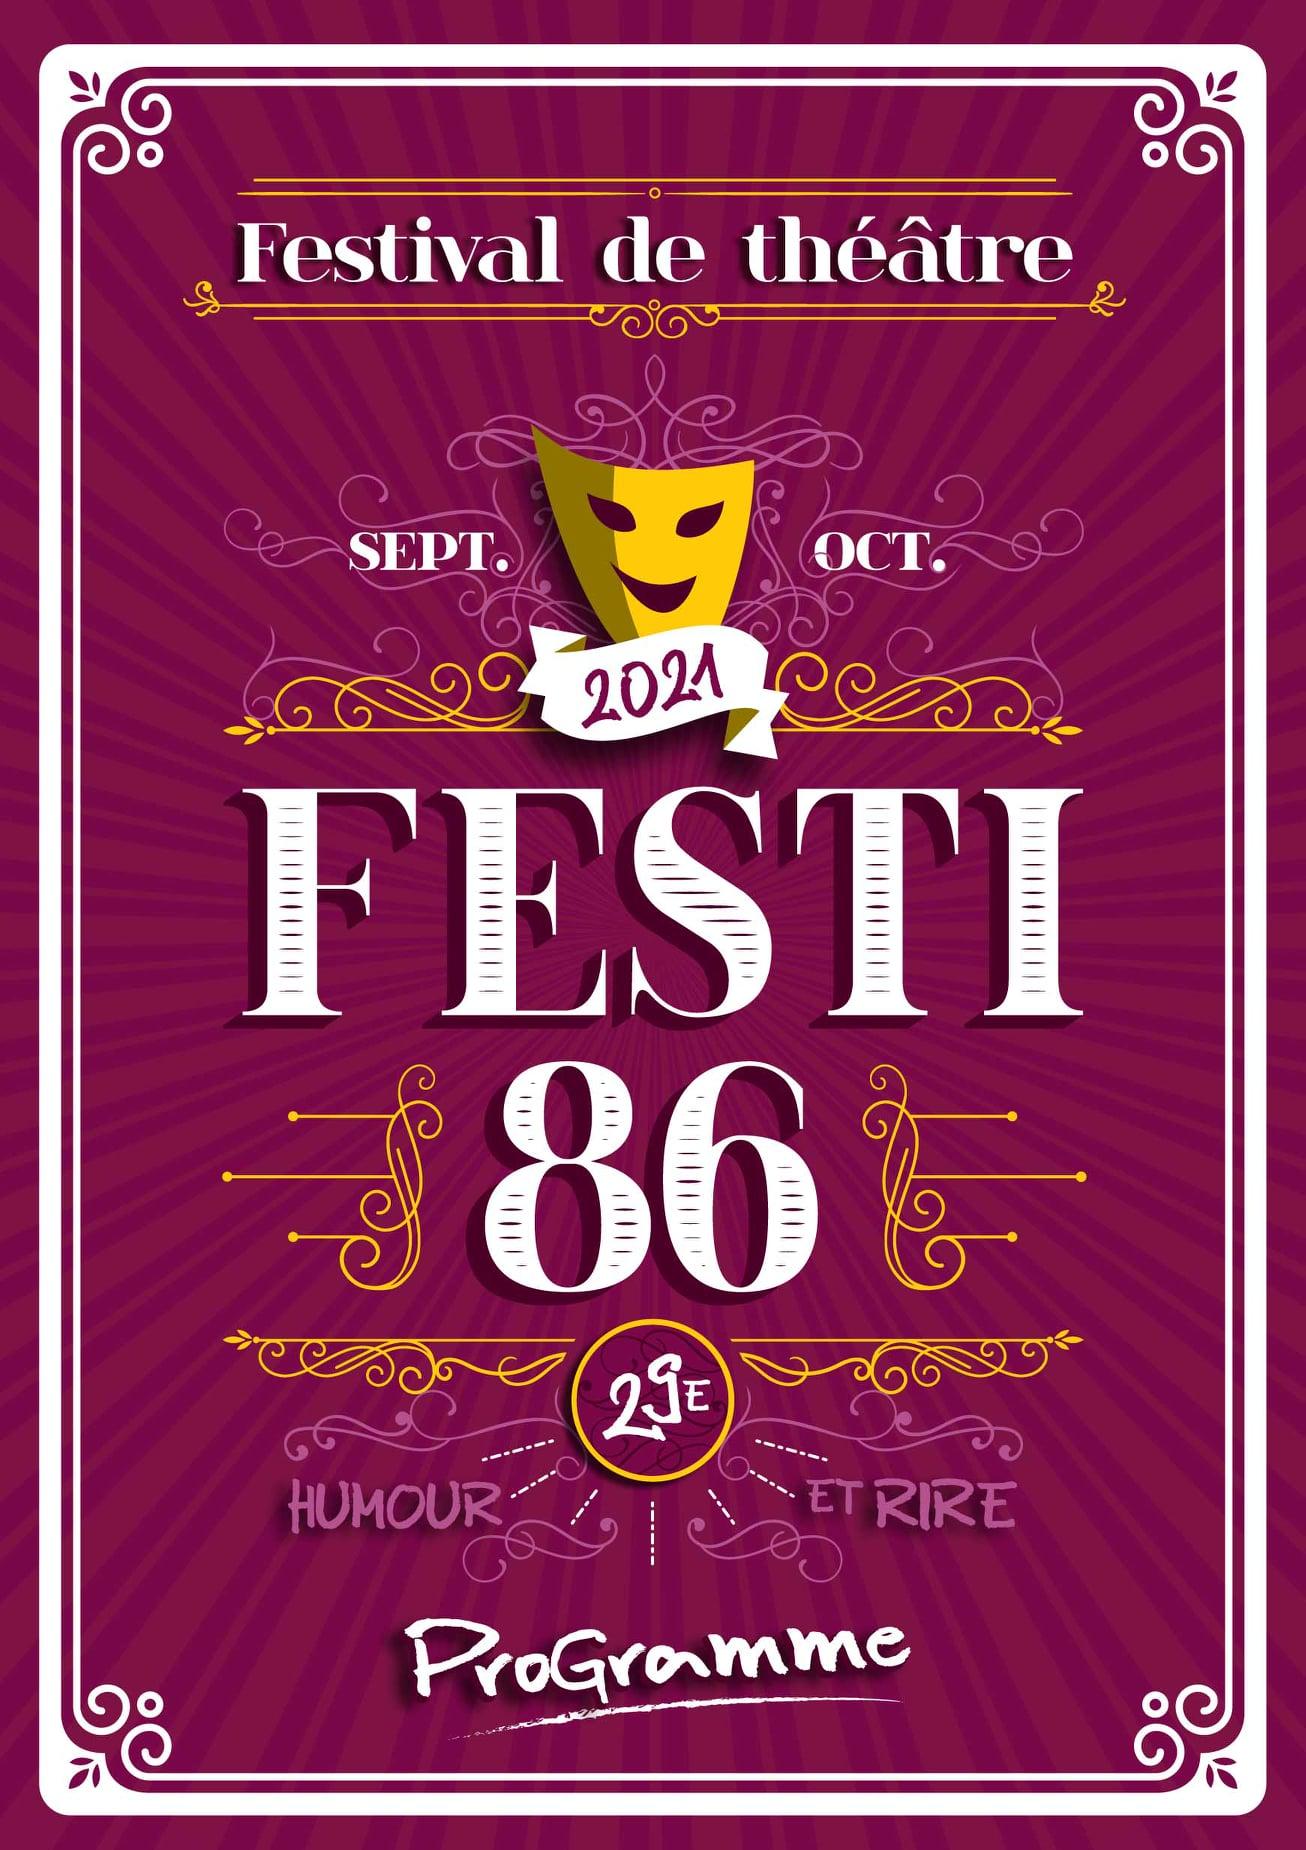 Festi 86